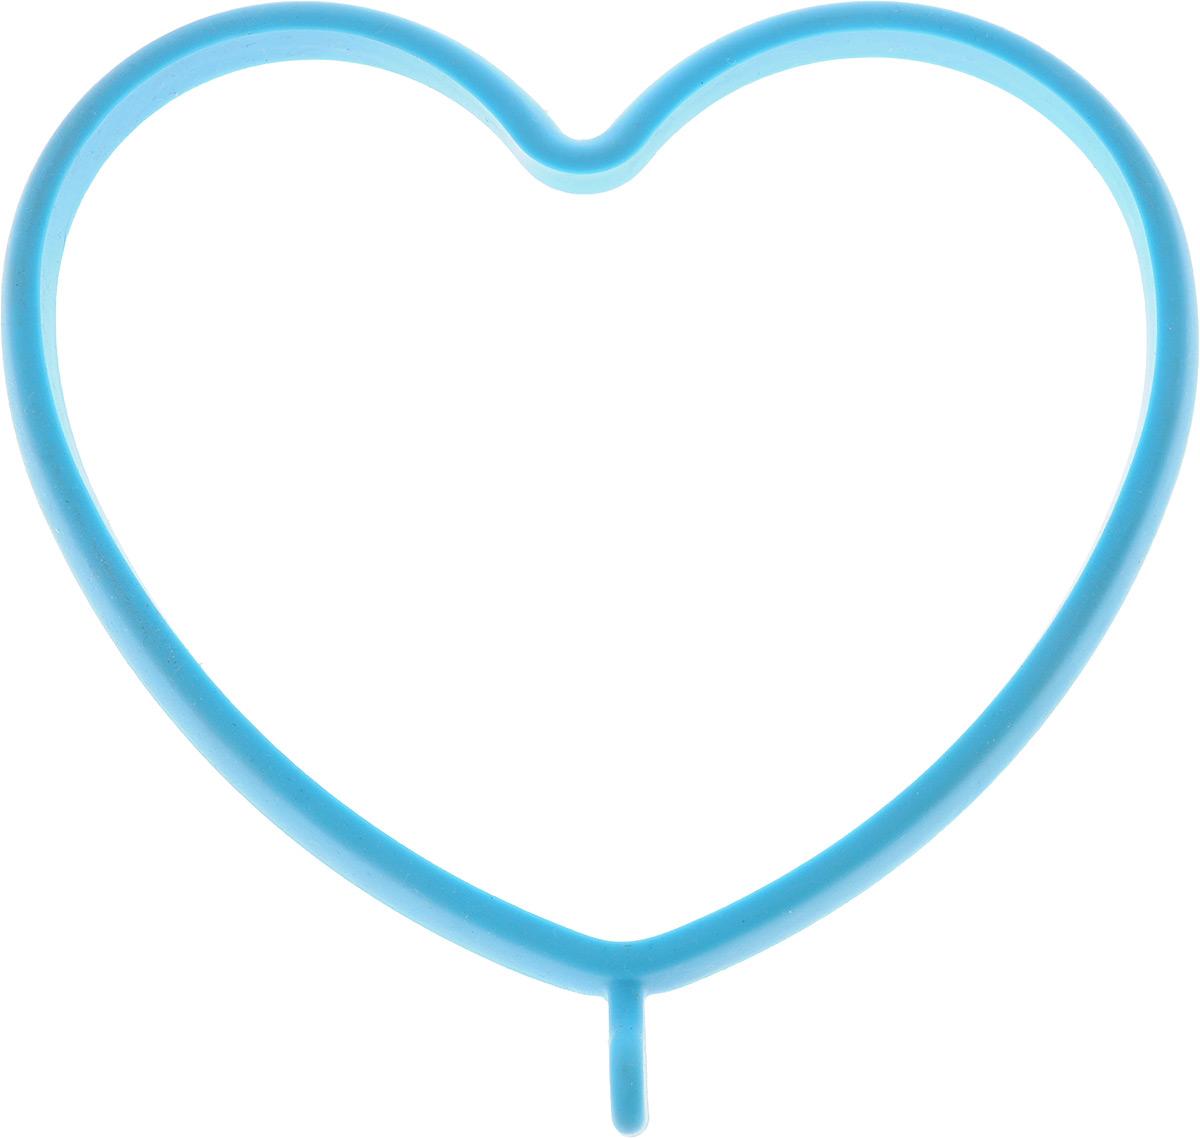 Форма для яичницы Oursson Сердце, цвет: голубой, 13,5 х 13 смBW1356S/MC_сердце, голубойФорма для яичницы Oursson Сердце, выполненная из жаростойкого силикона, подходит для приготовления яичницы, омлета, оладий. Она добавит оригинальности обычным блюдам и особенно понравится детям. Форма не повреждает антипригарное покрытие сковород. Выдерживает температуру от -20°С до +220°С. Для получения идеального результата рекомендуется использовать ее на ровной поверхности сковороды.